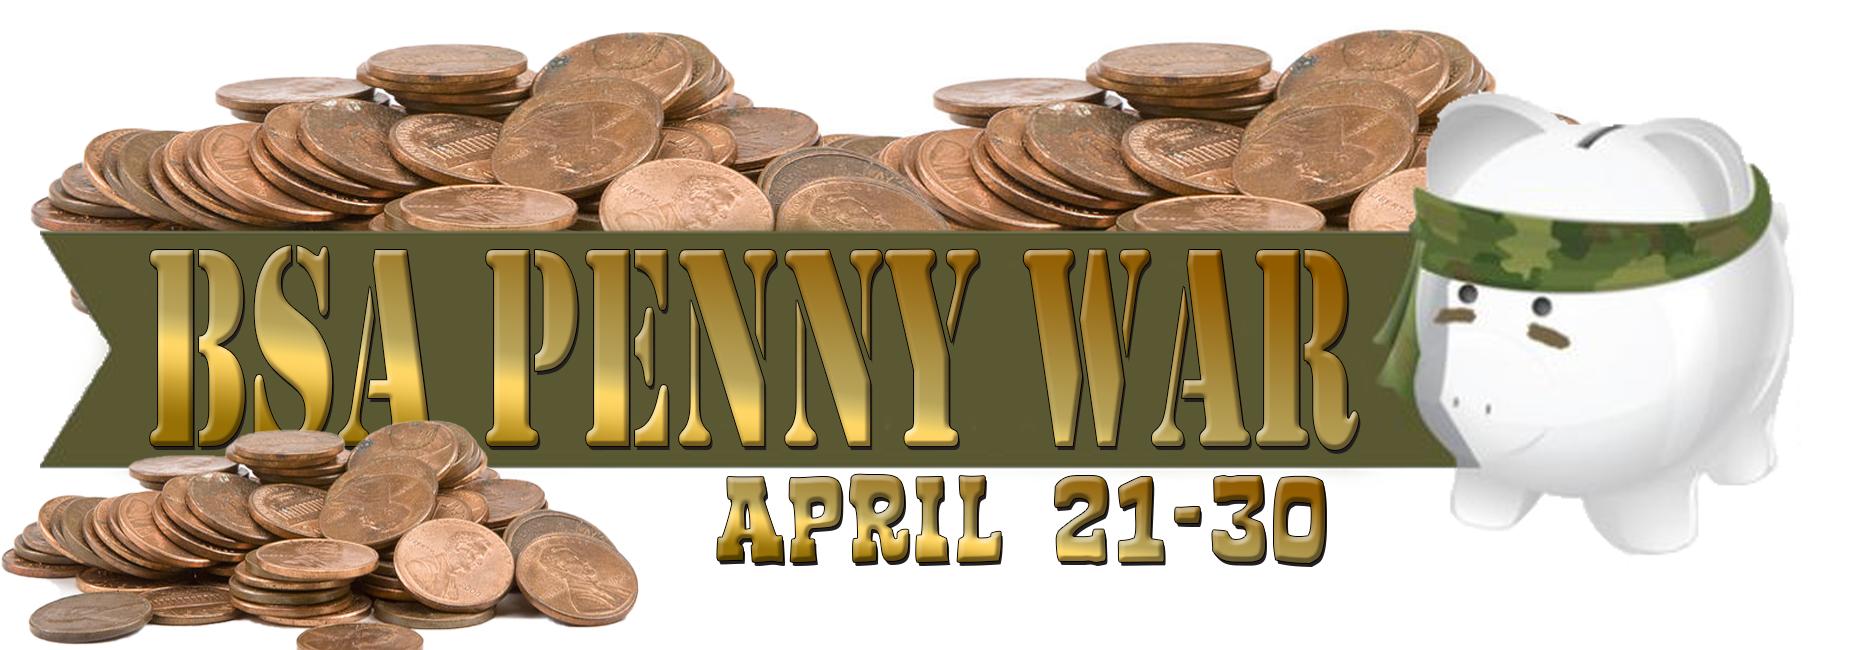 BSA Penny War April 21-30